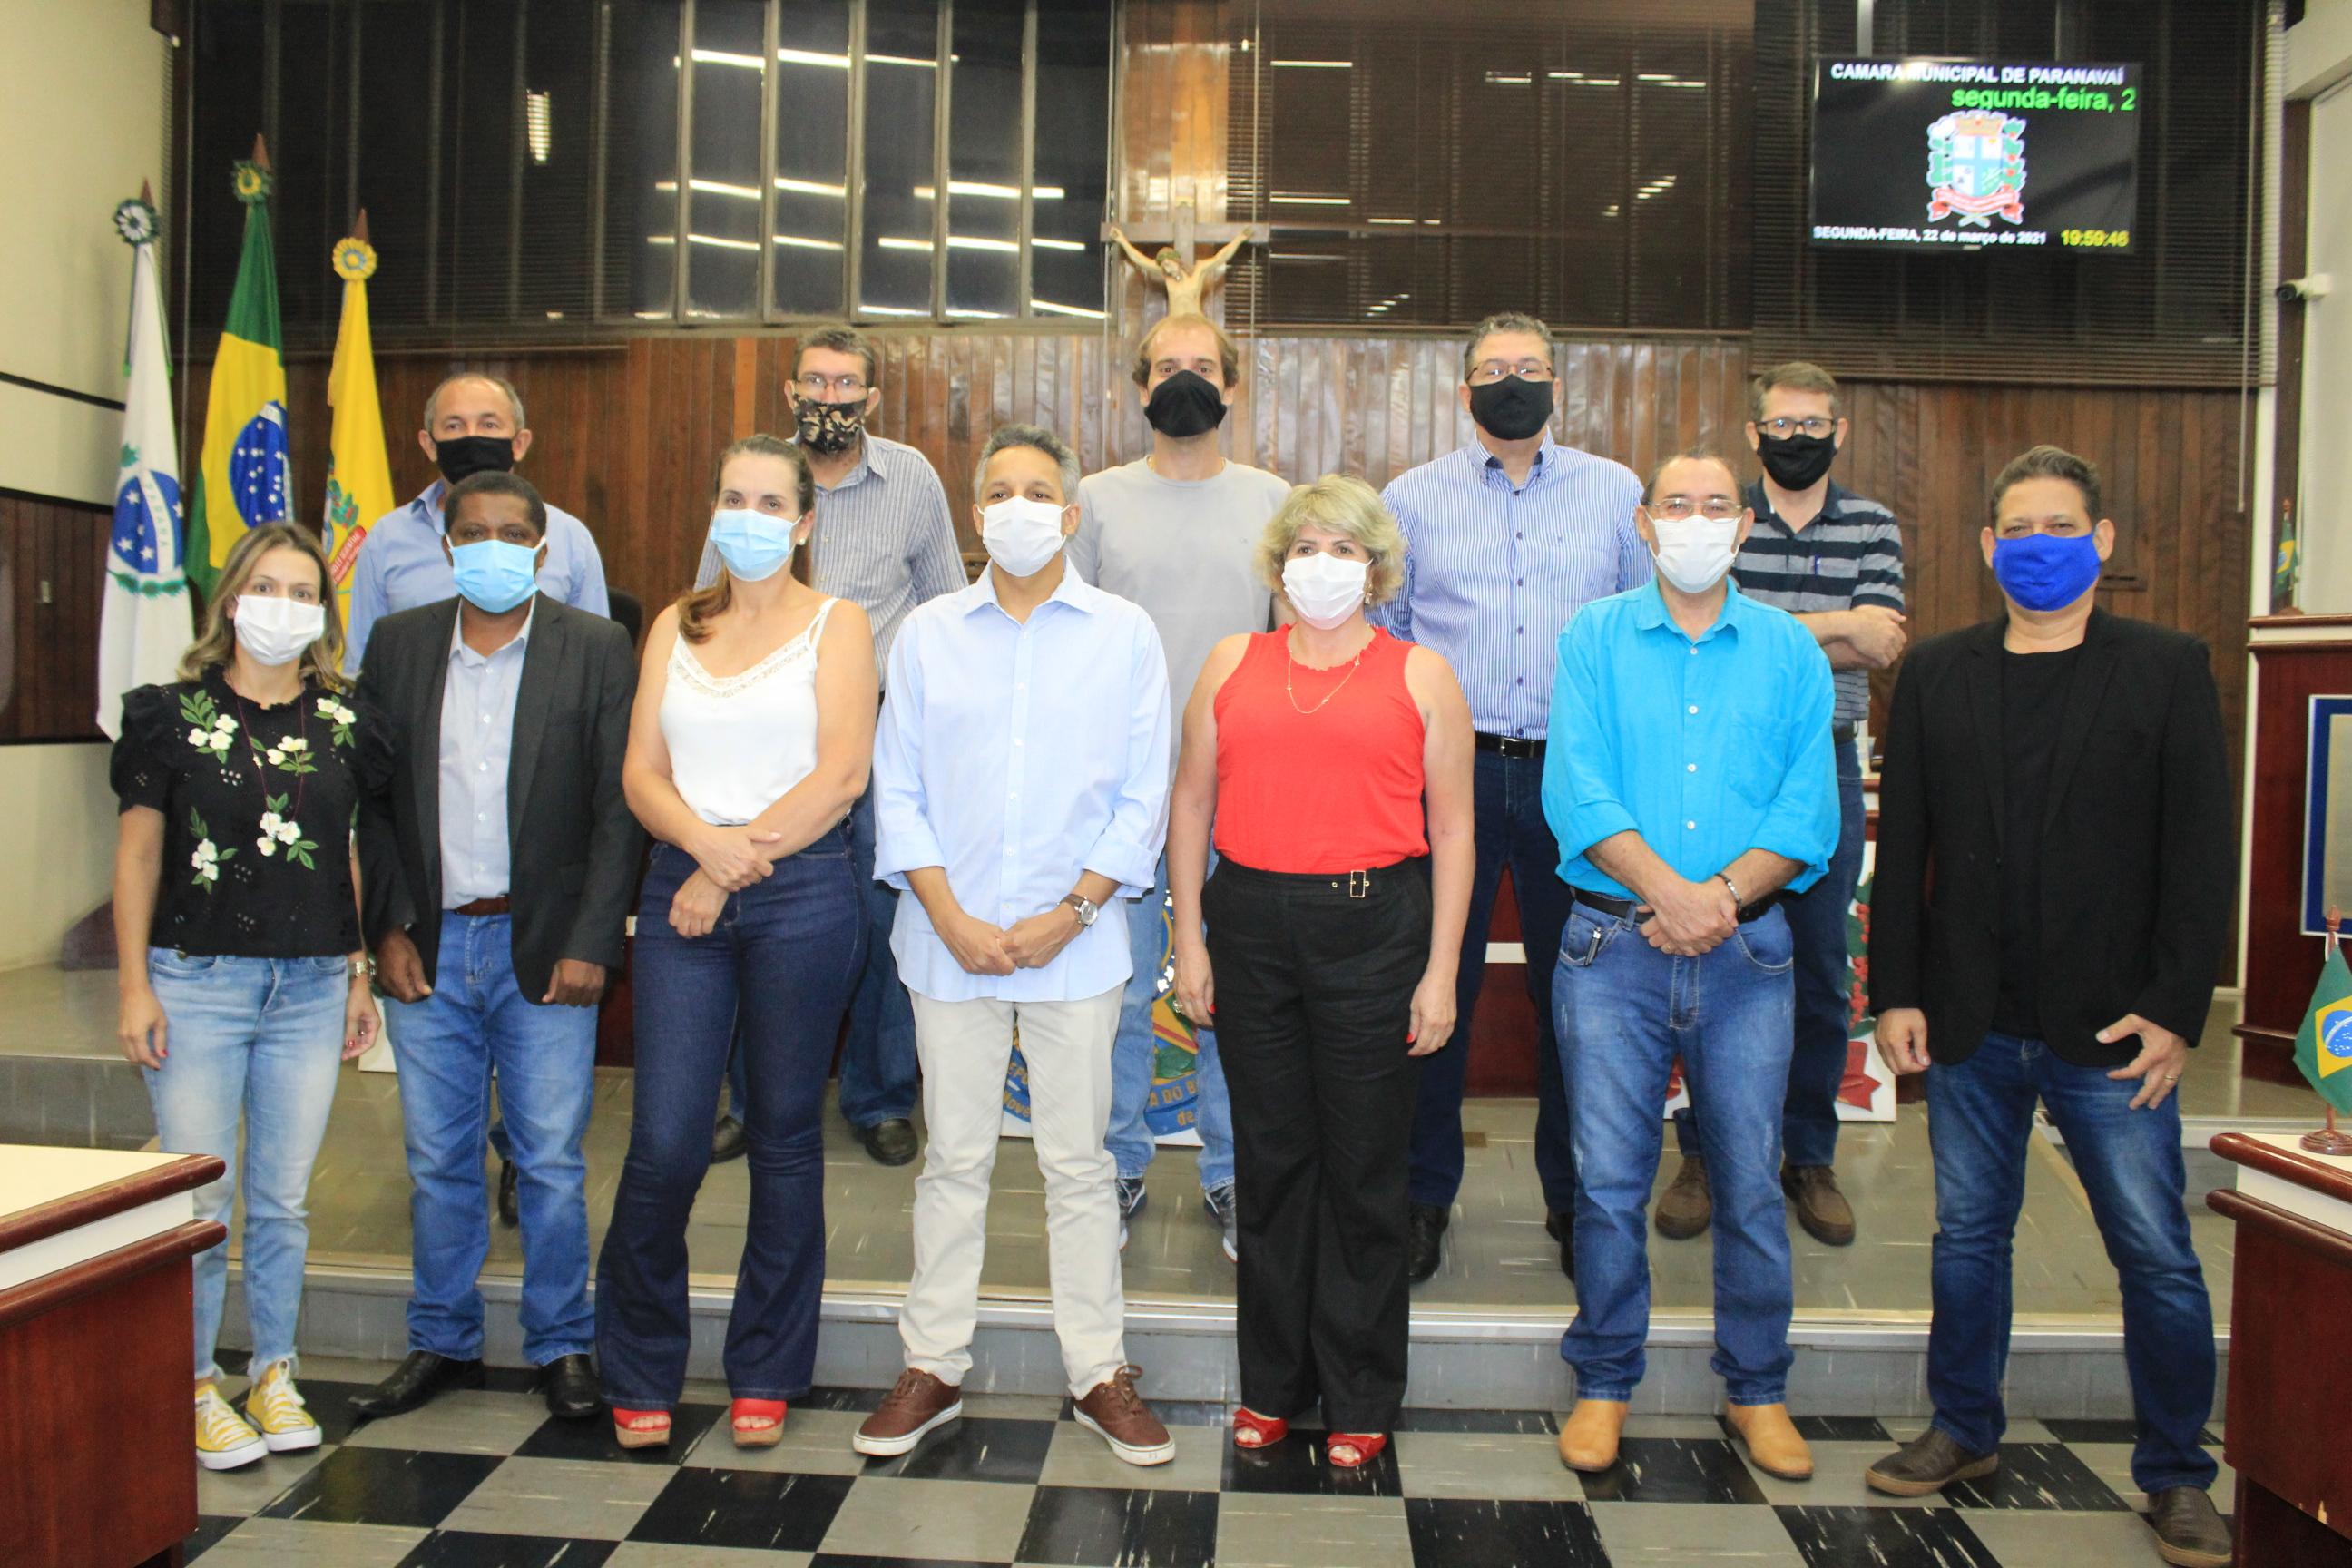 Médicos prestam informações sobre a atual situação da Covid em Paranavaí ao Legislativo